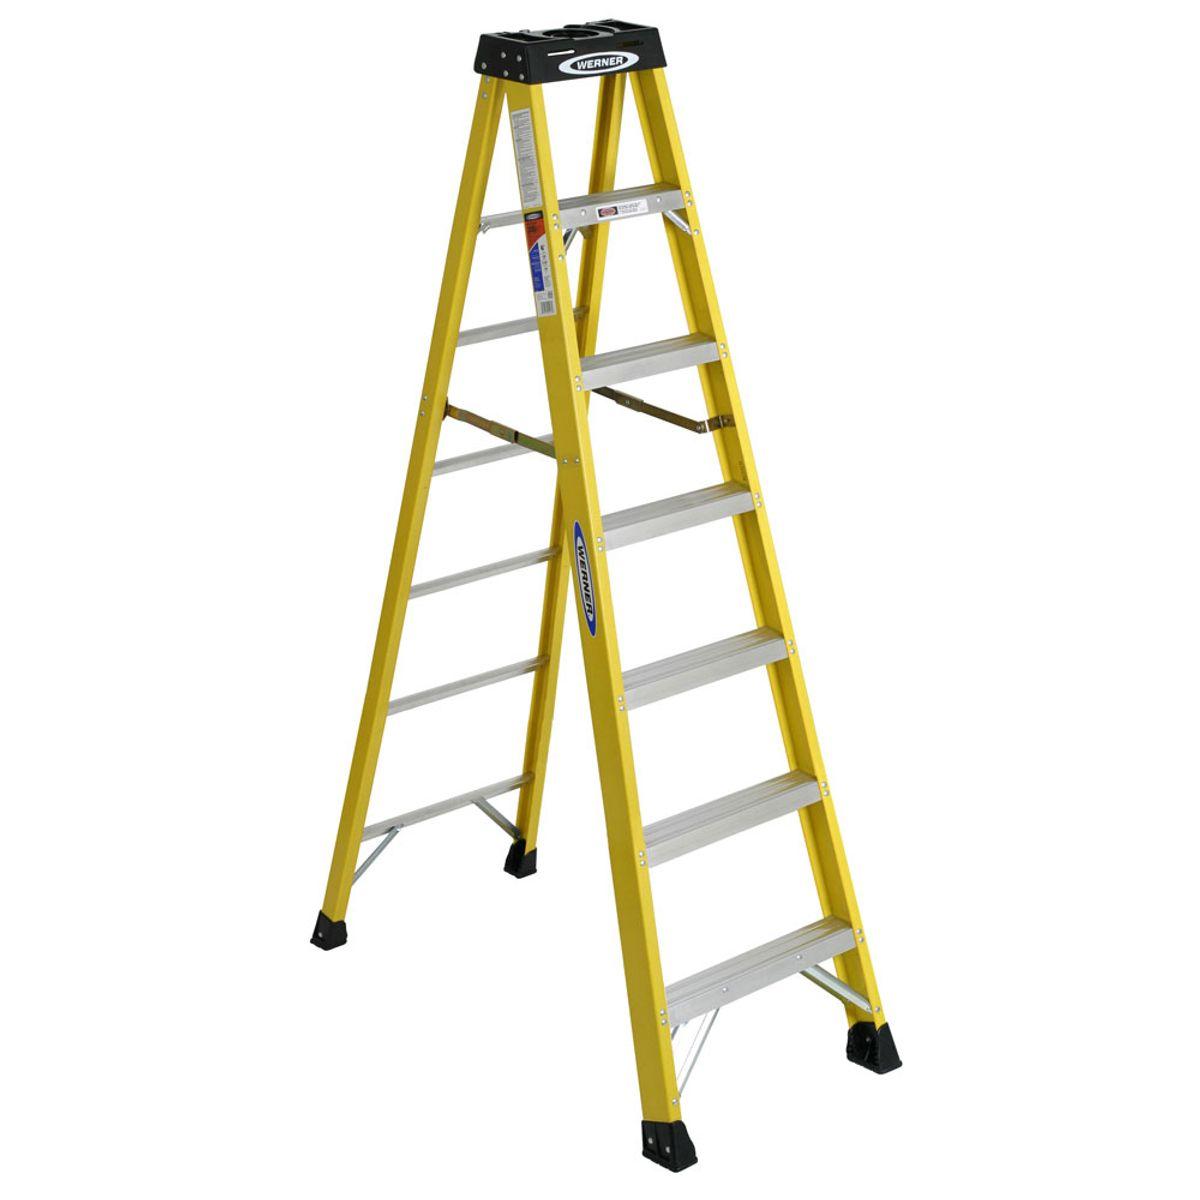 6107ca Step Ladders Werner Ca